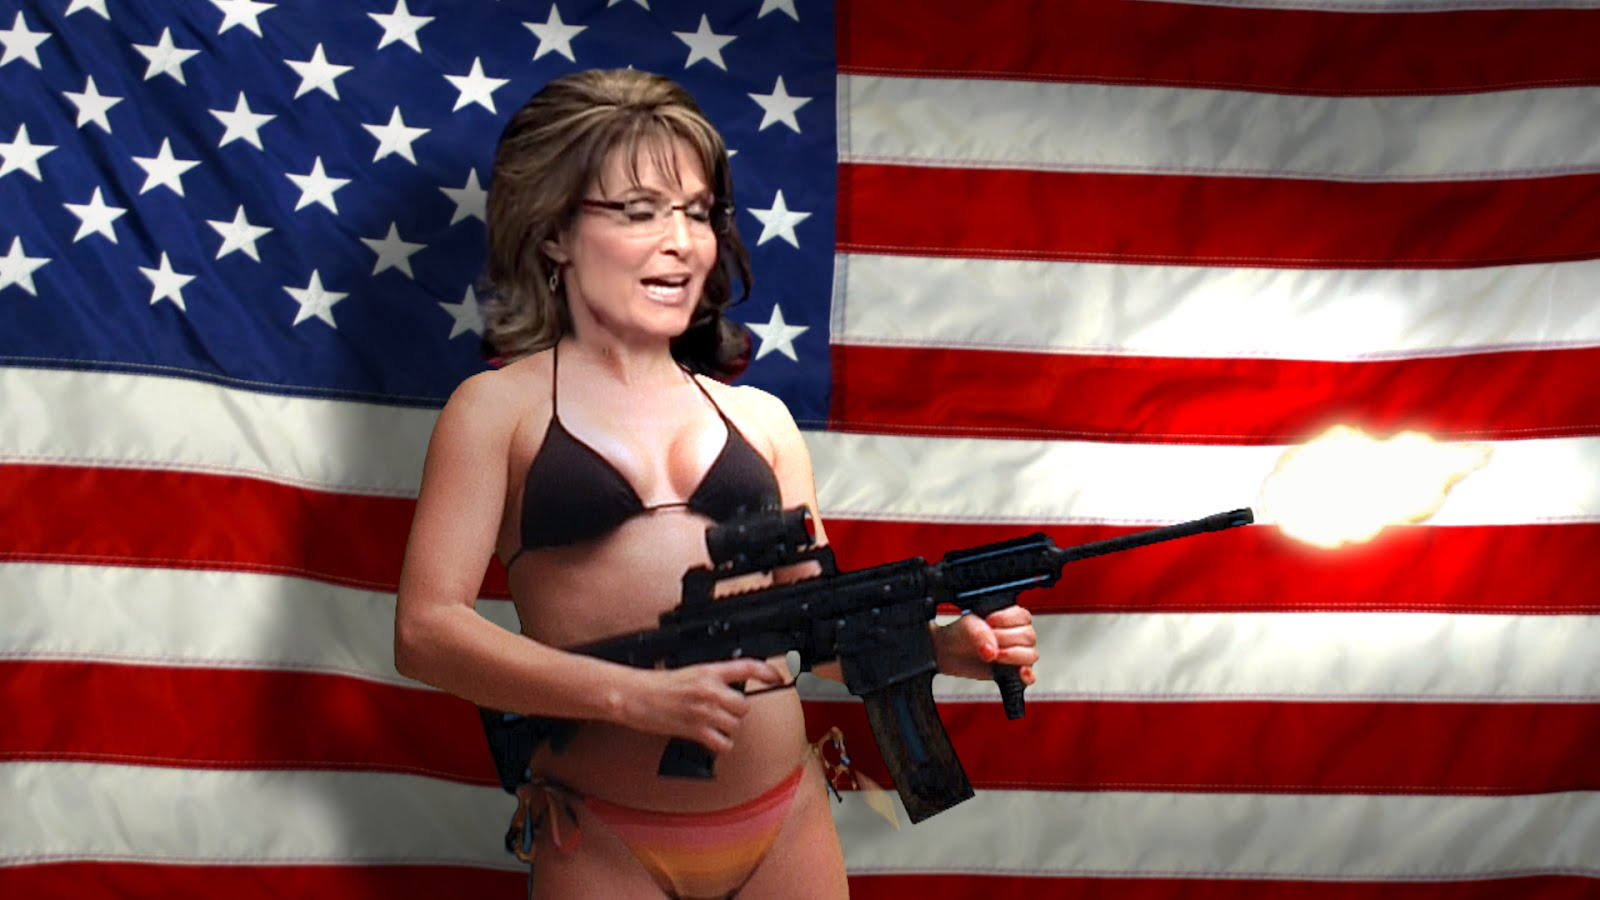 Ass Booty Sarah Palin naked photo 2017